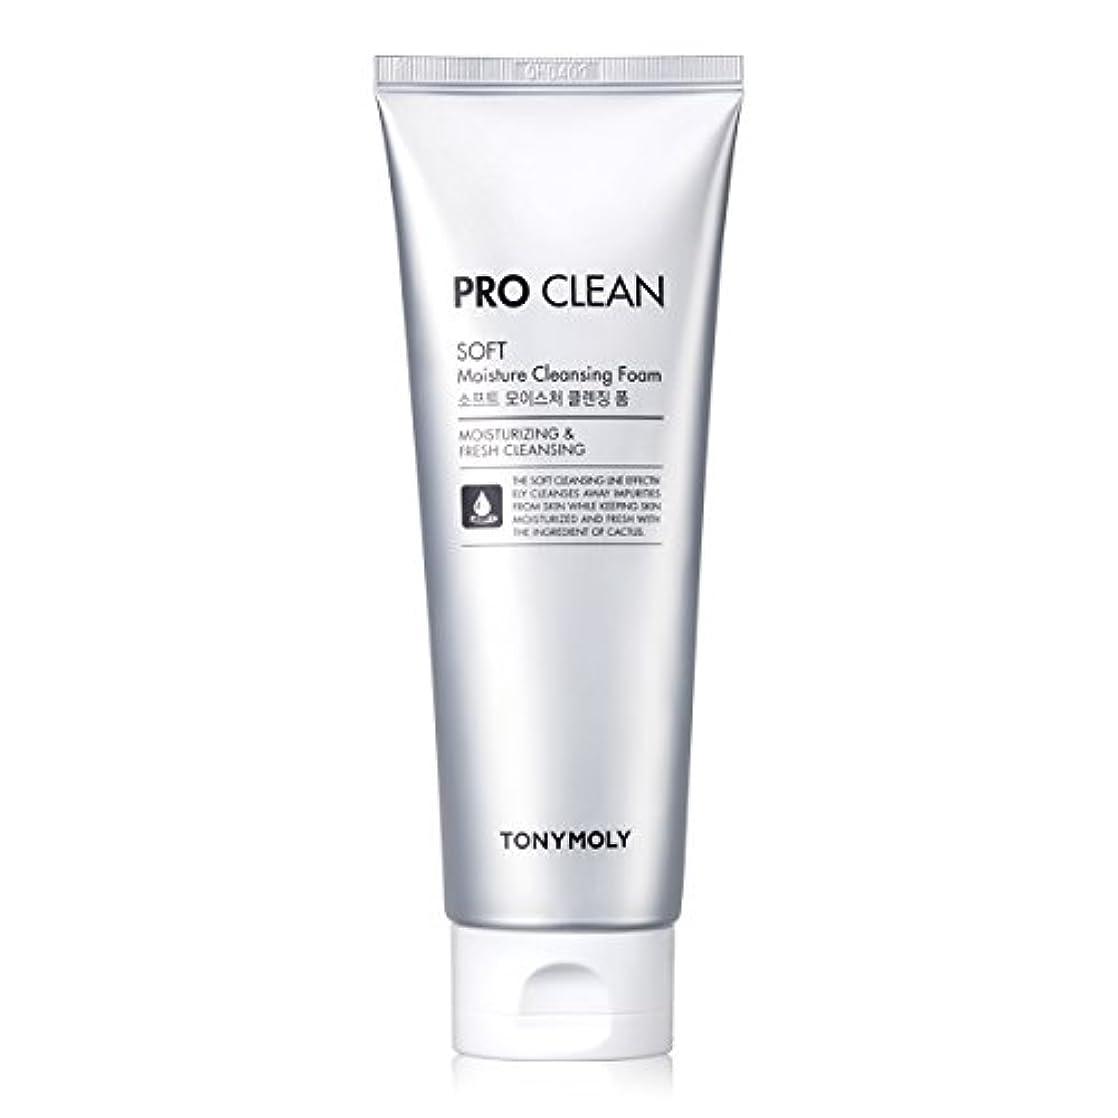 忠実な裁量セミナー[New] TONYMOLY Pro Clean Soft Moisture Cleansing Foam 150ml/トニーモリー プロ クリーン ソフト モイスチャー クレンジングフォーム 150ml [並行輸入品]